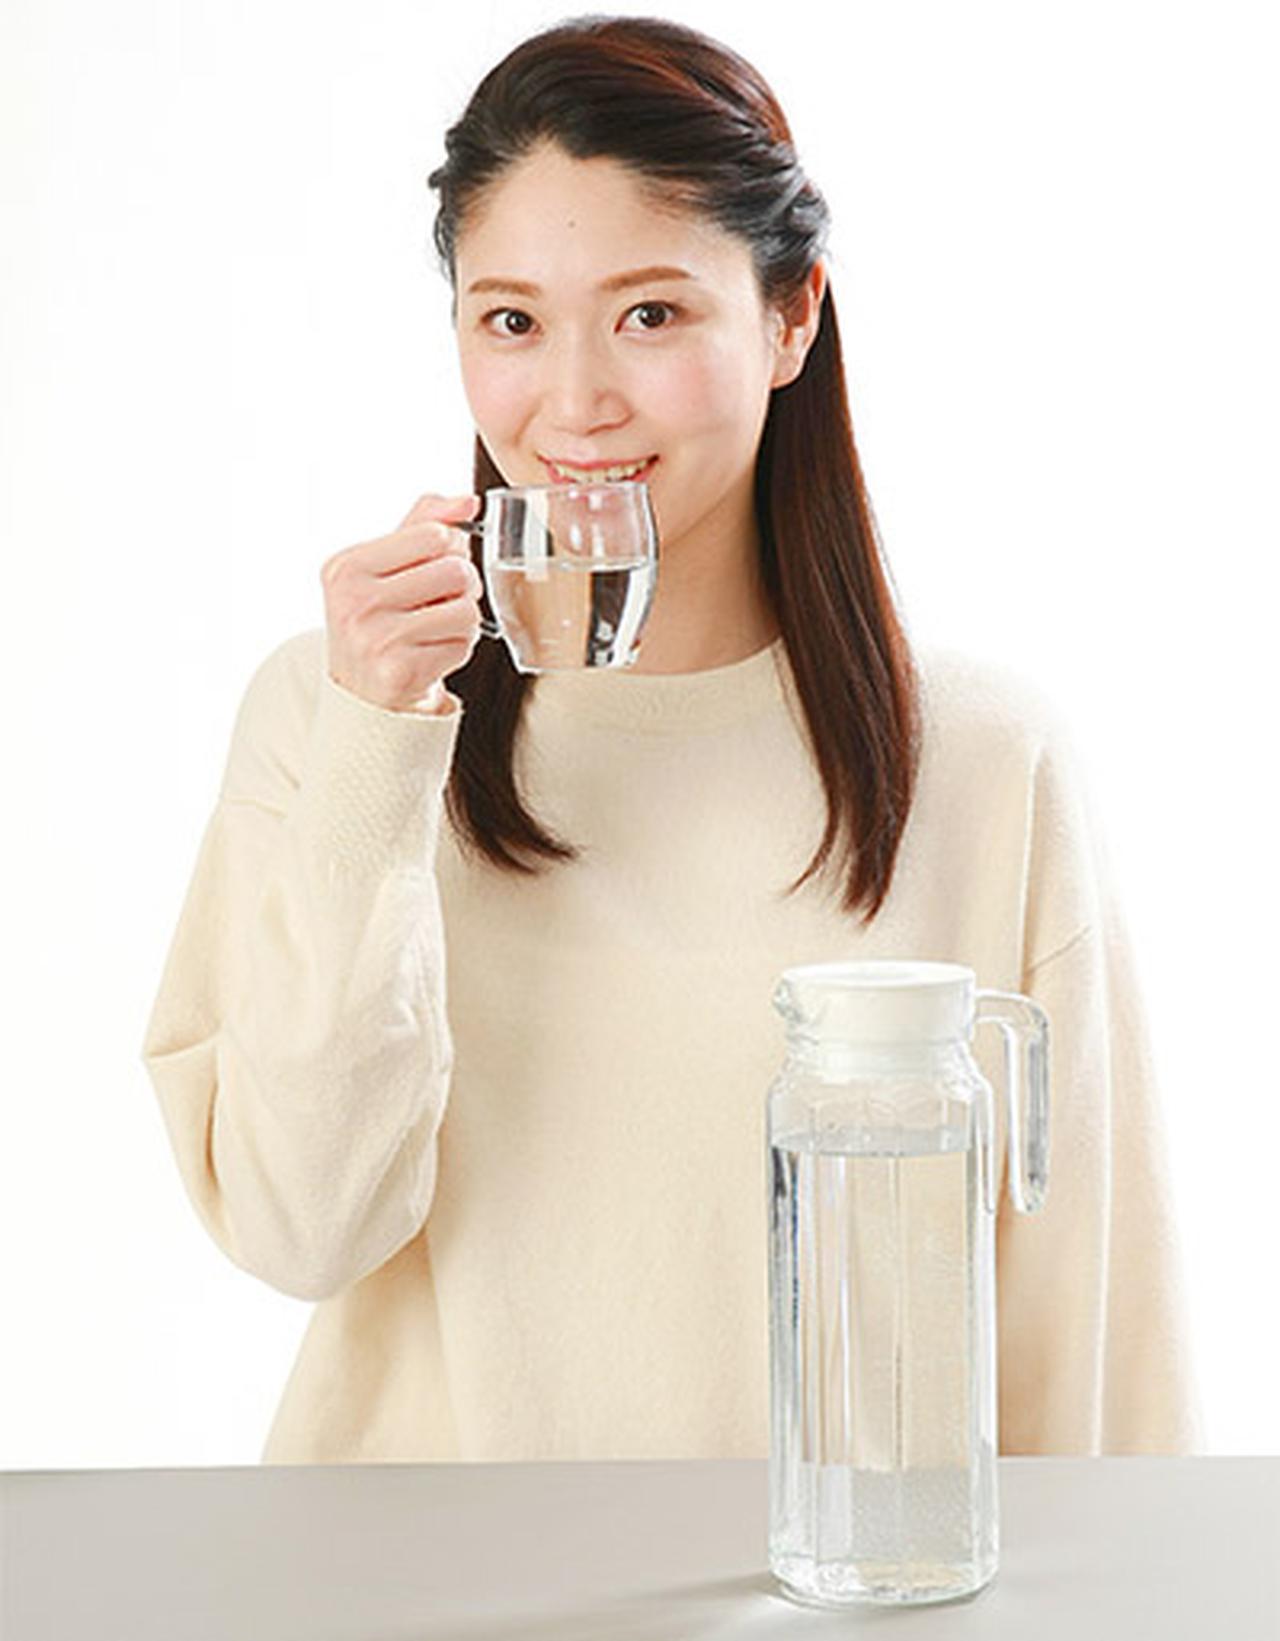 画像1: 【水の飲みすぎに注意】3食しっかりとれば飲む水は1リットルで十分 少量ずつこまめに摂取がコツ